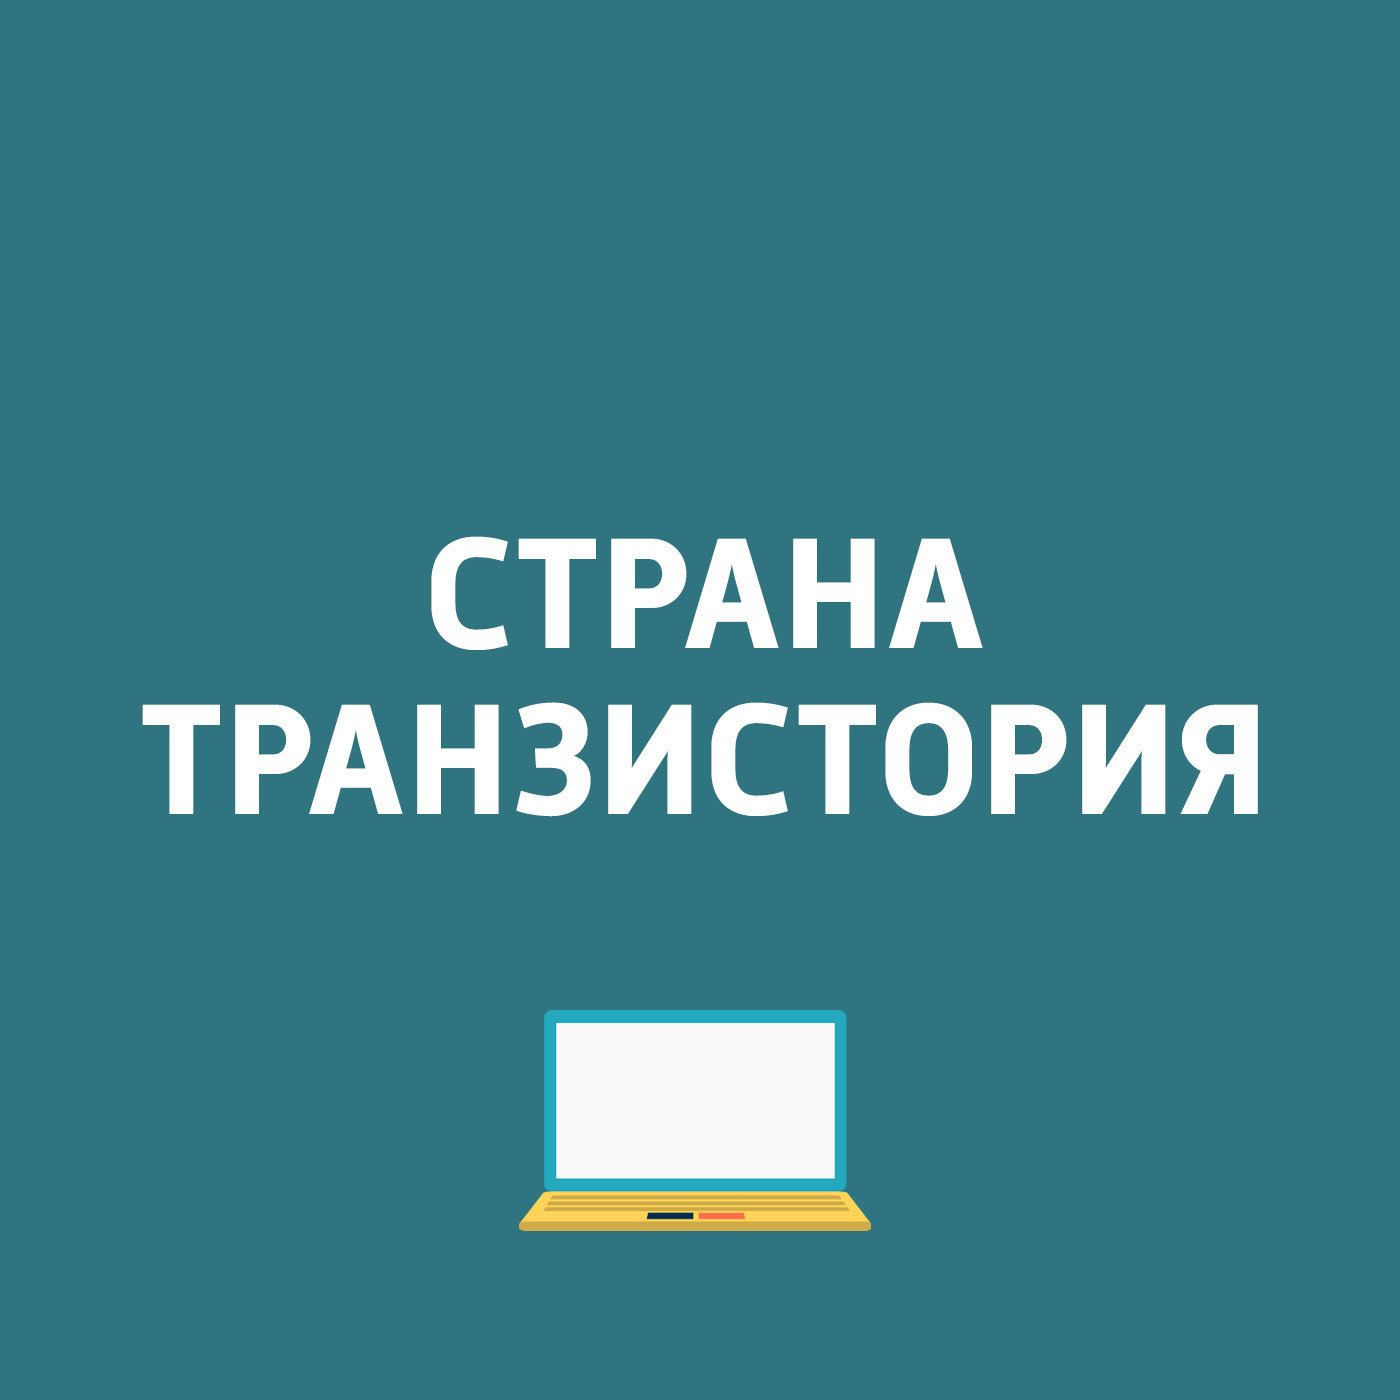 Картаев Павел Цена биткоина взлетела выше отметки $11 000 цена и фото